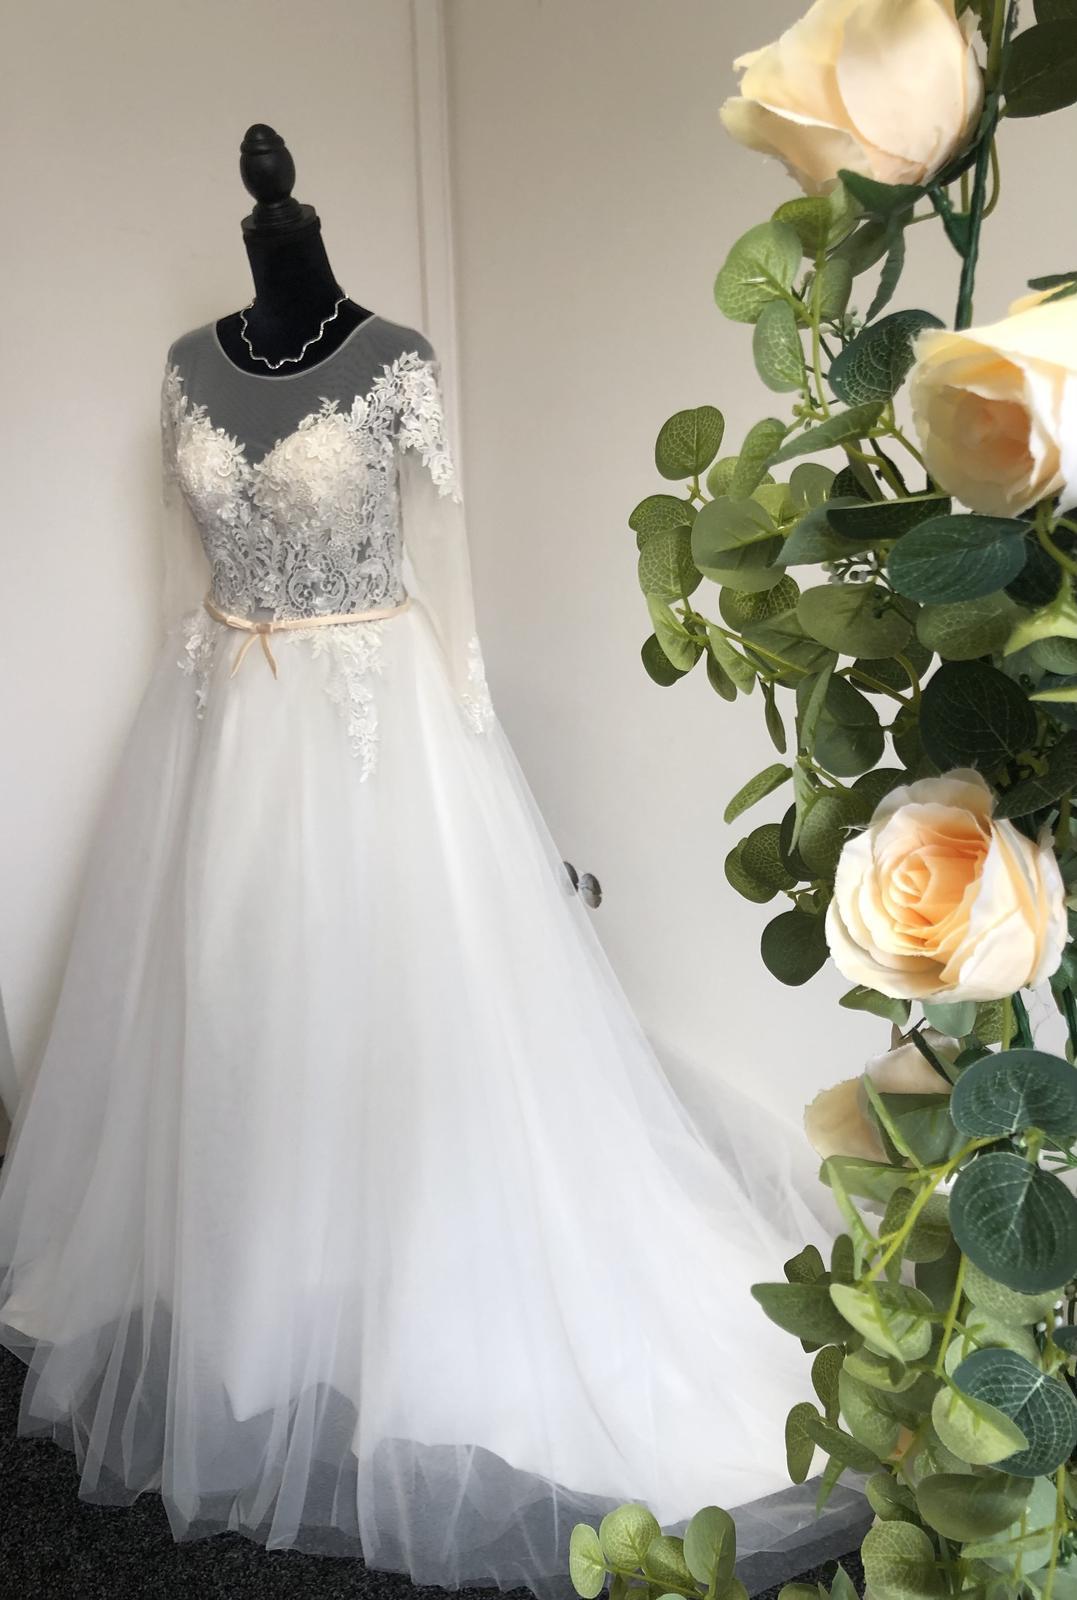 Nové svatební šaty vel 38 - Obrázek č. 1